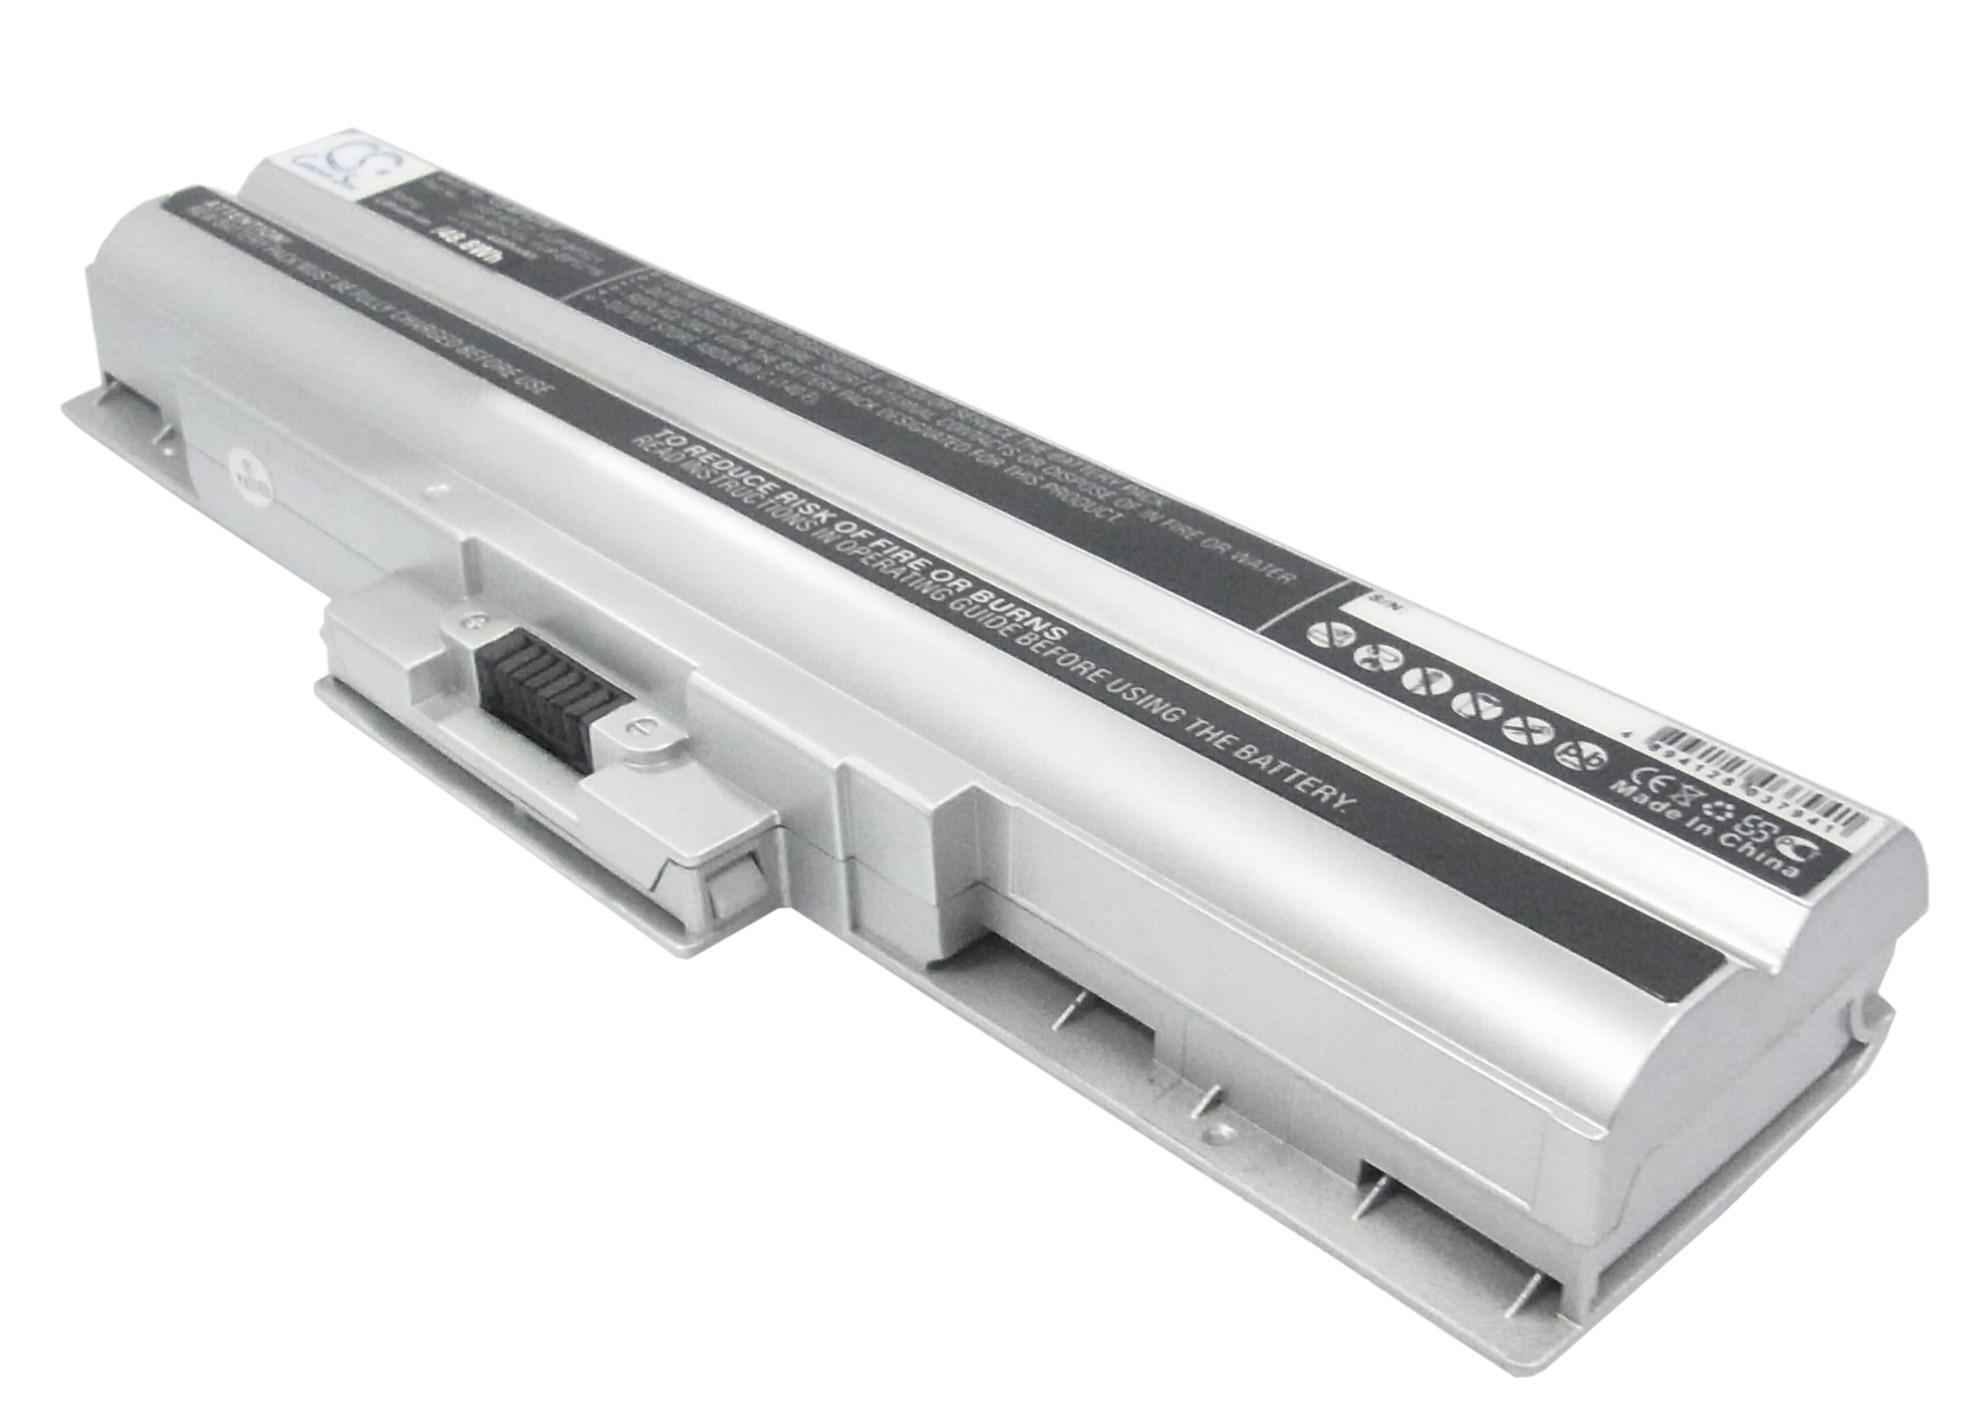 Cameron Sino baterie do notebooků pro SONY VAIO VGN-BZ12VN 11.1V Li-ion 4400mAh stříbrná - neoriginální